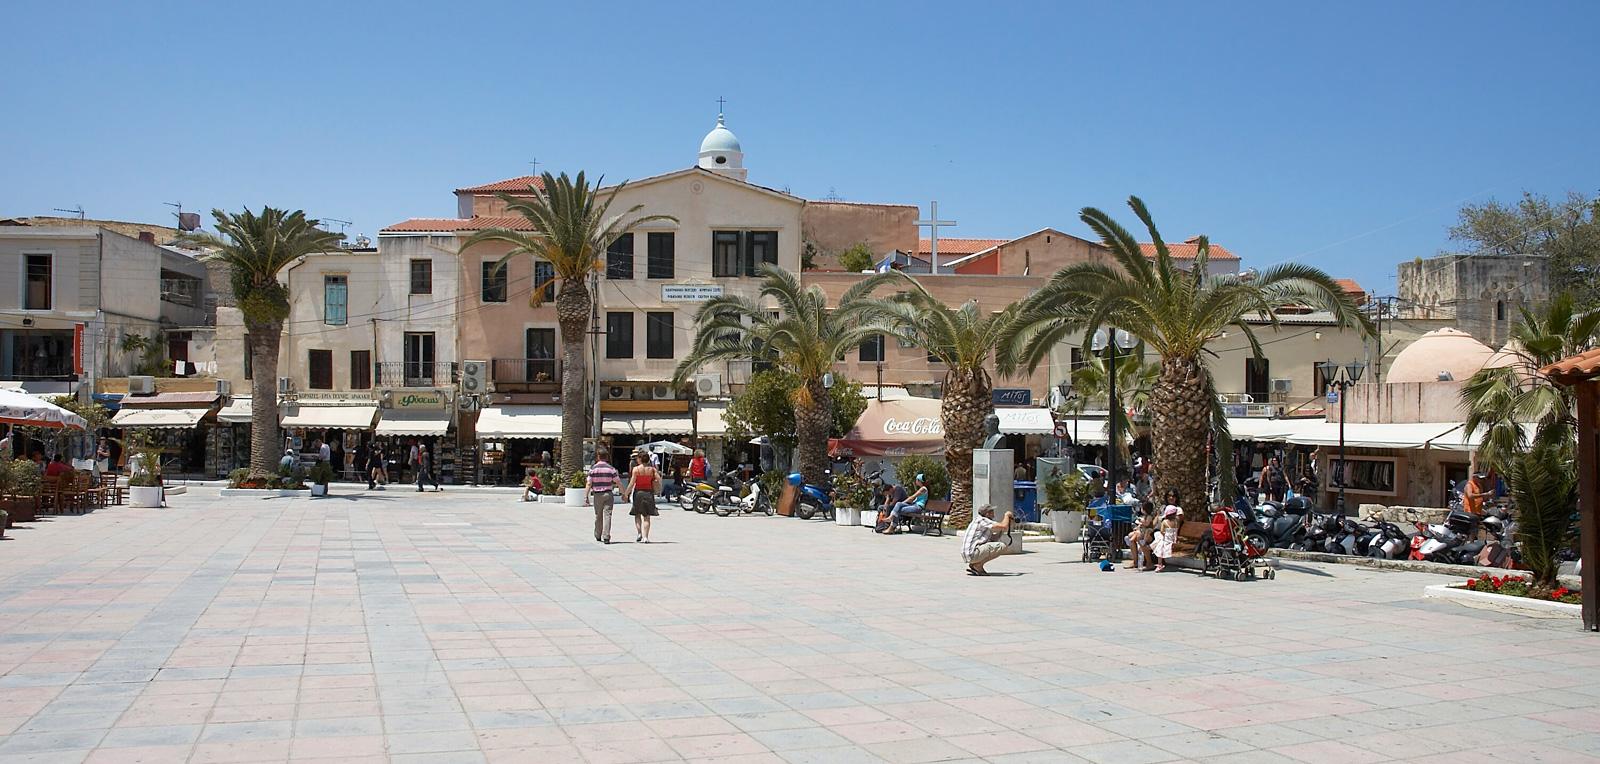 Mitropoli Square